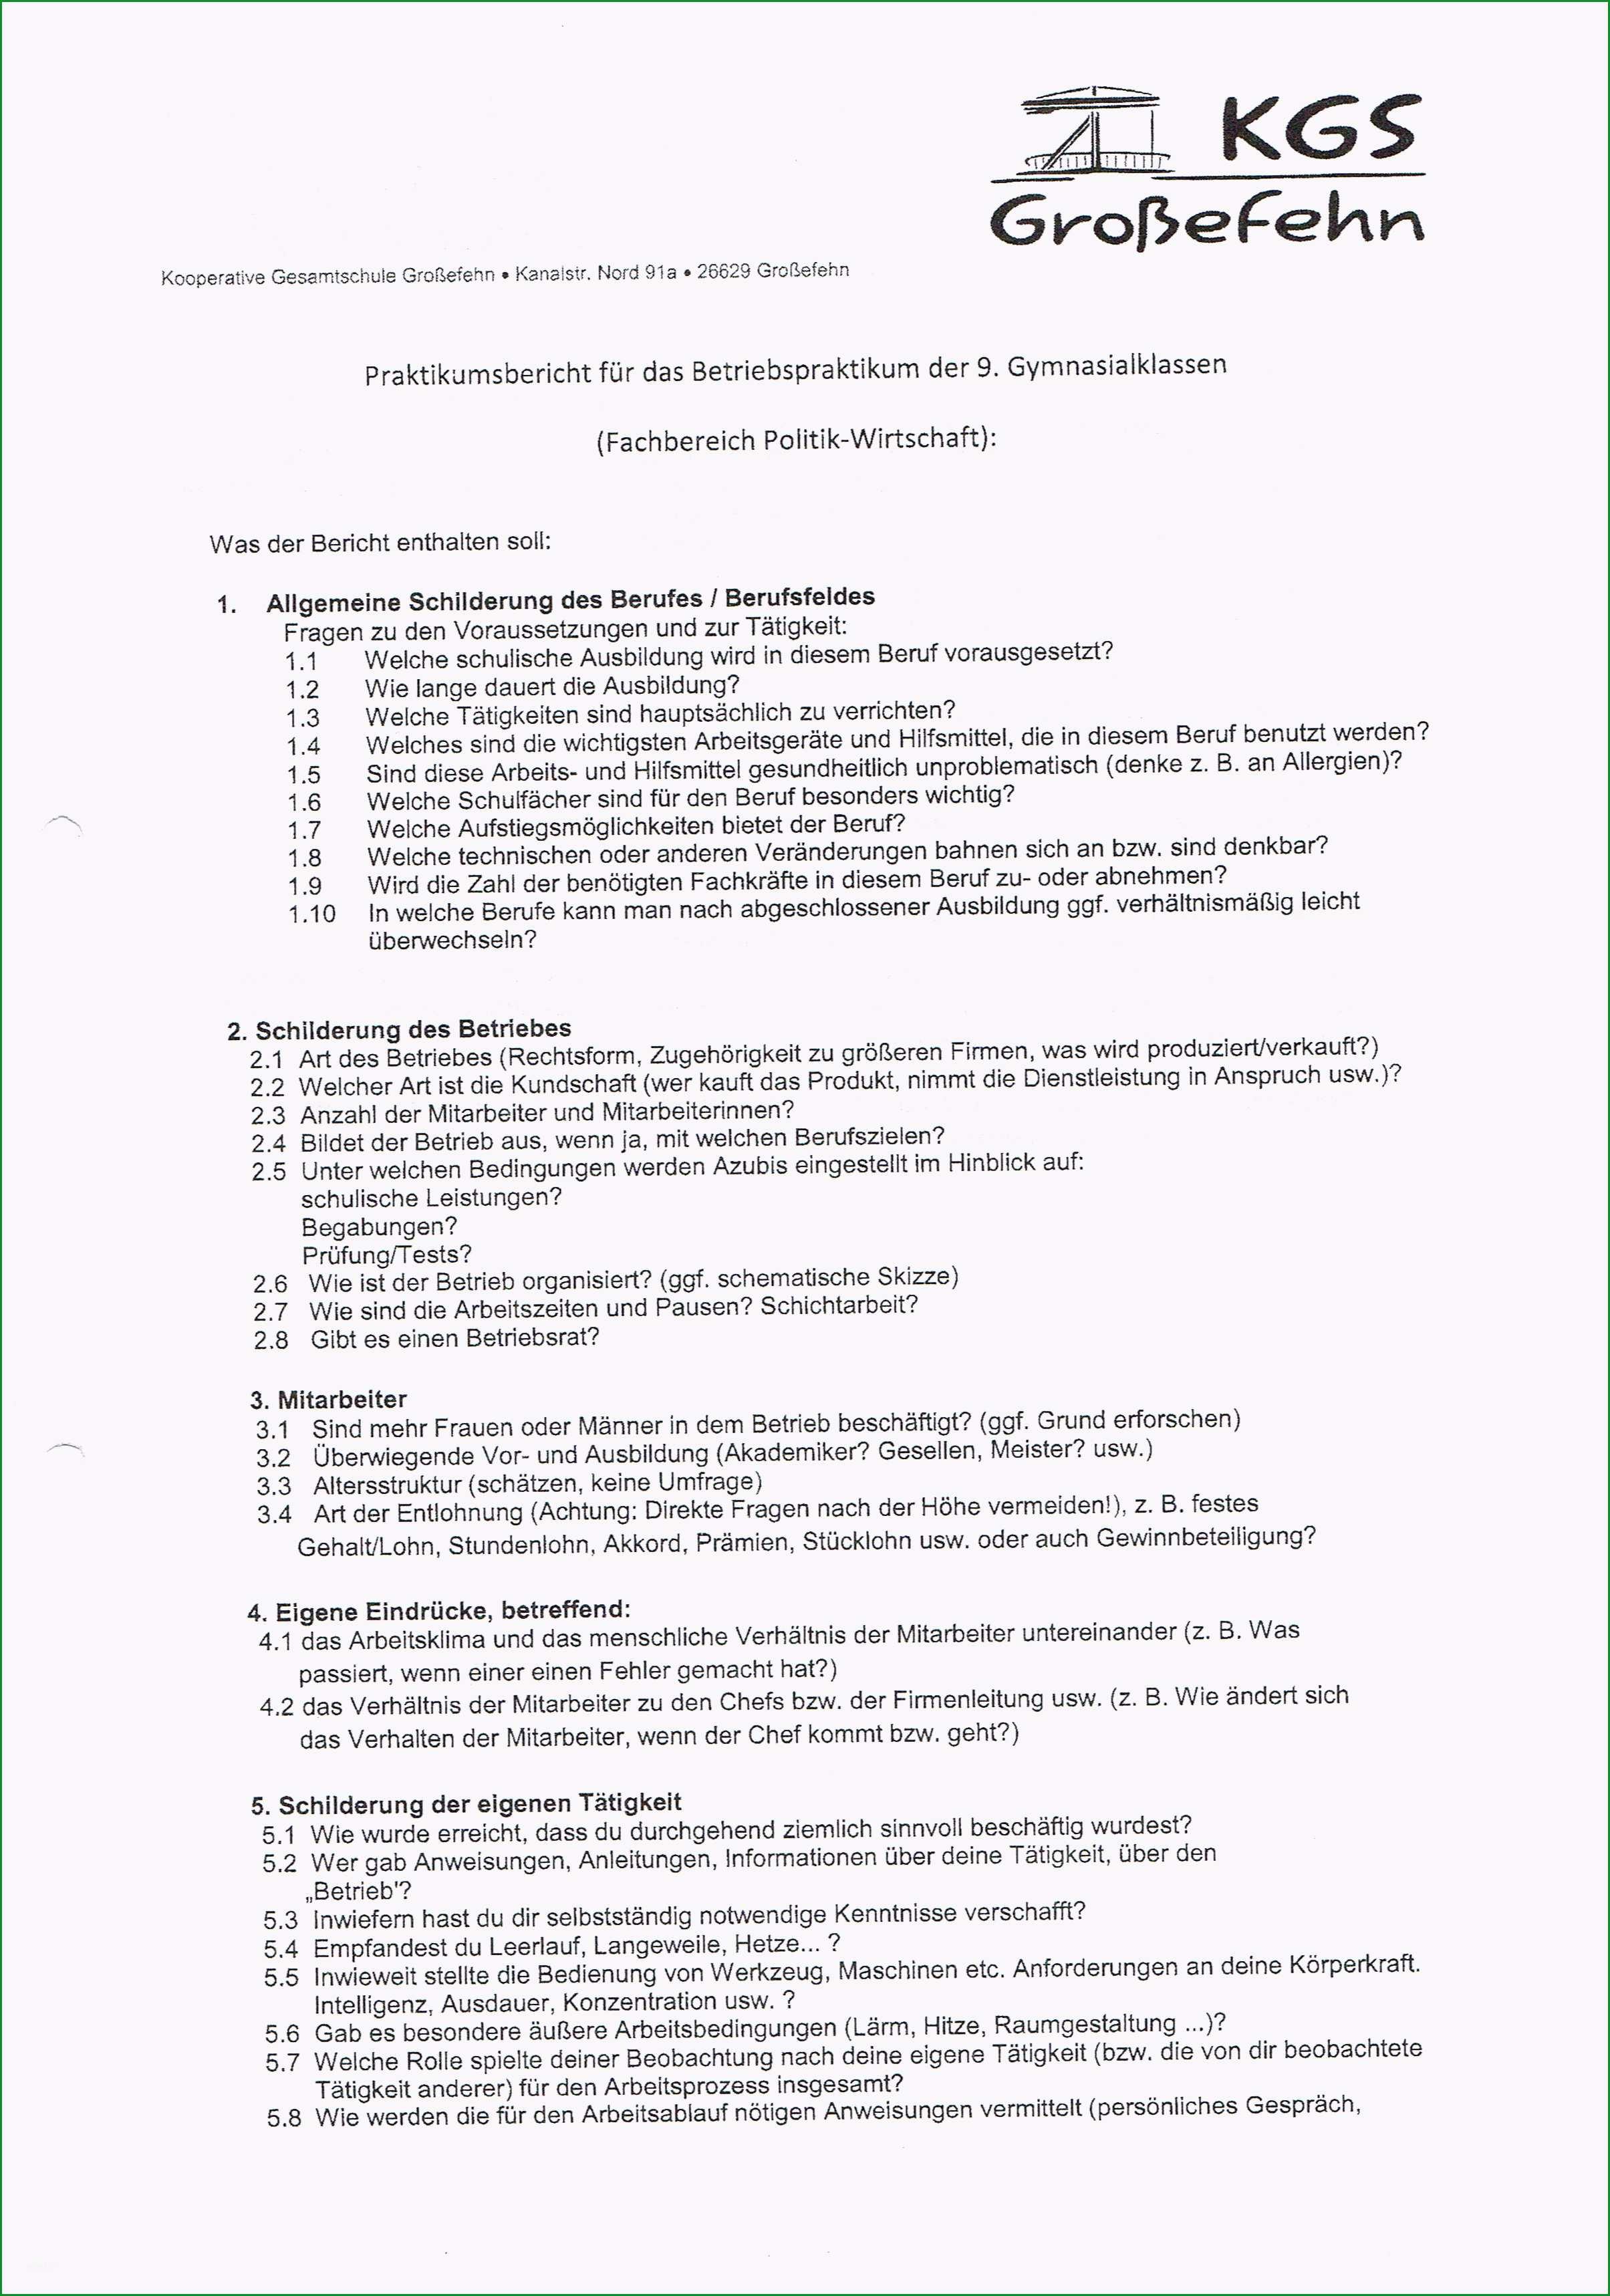 praktikumsmappe vorlage 9 klasse